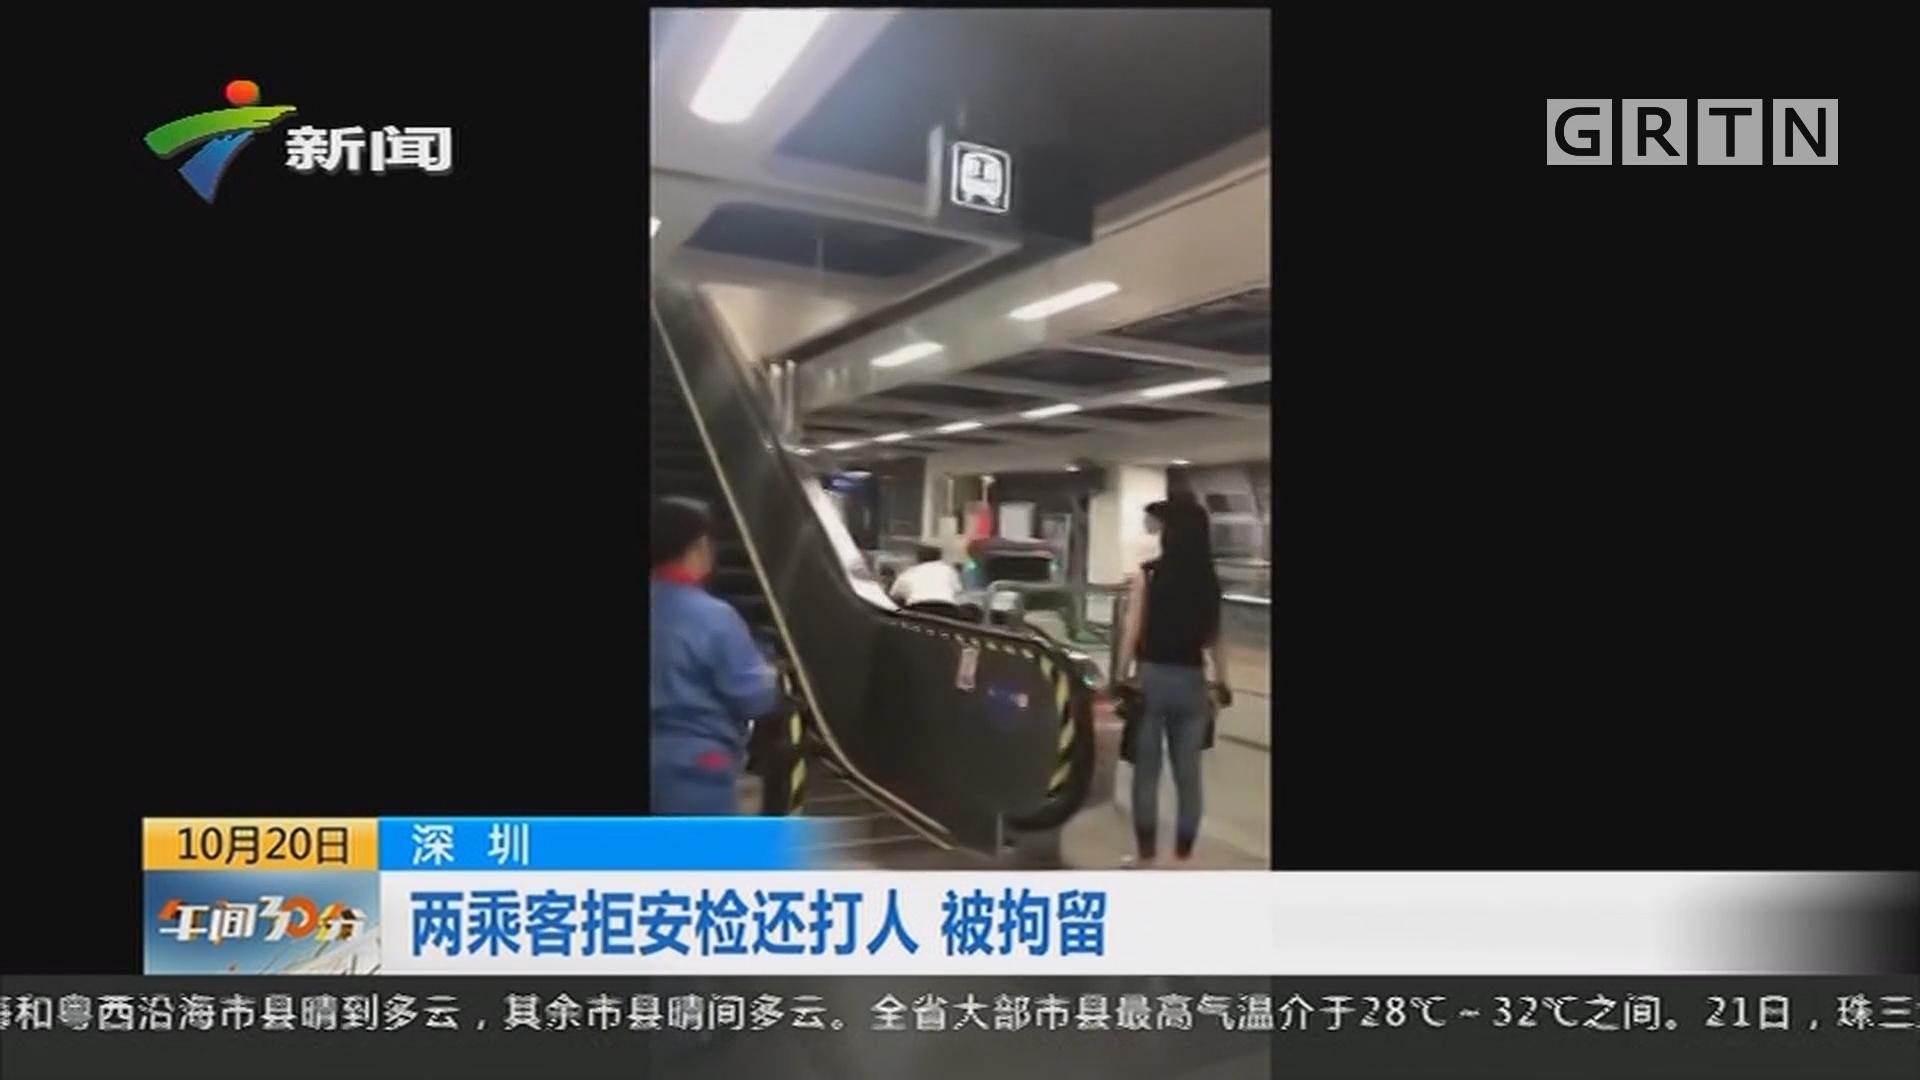 深圳:两乘客拒安检还打人 被拘留